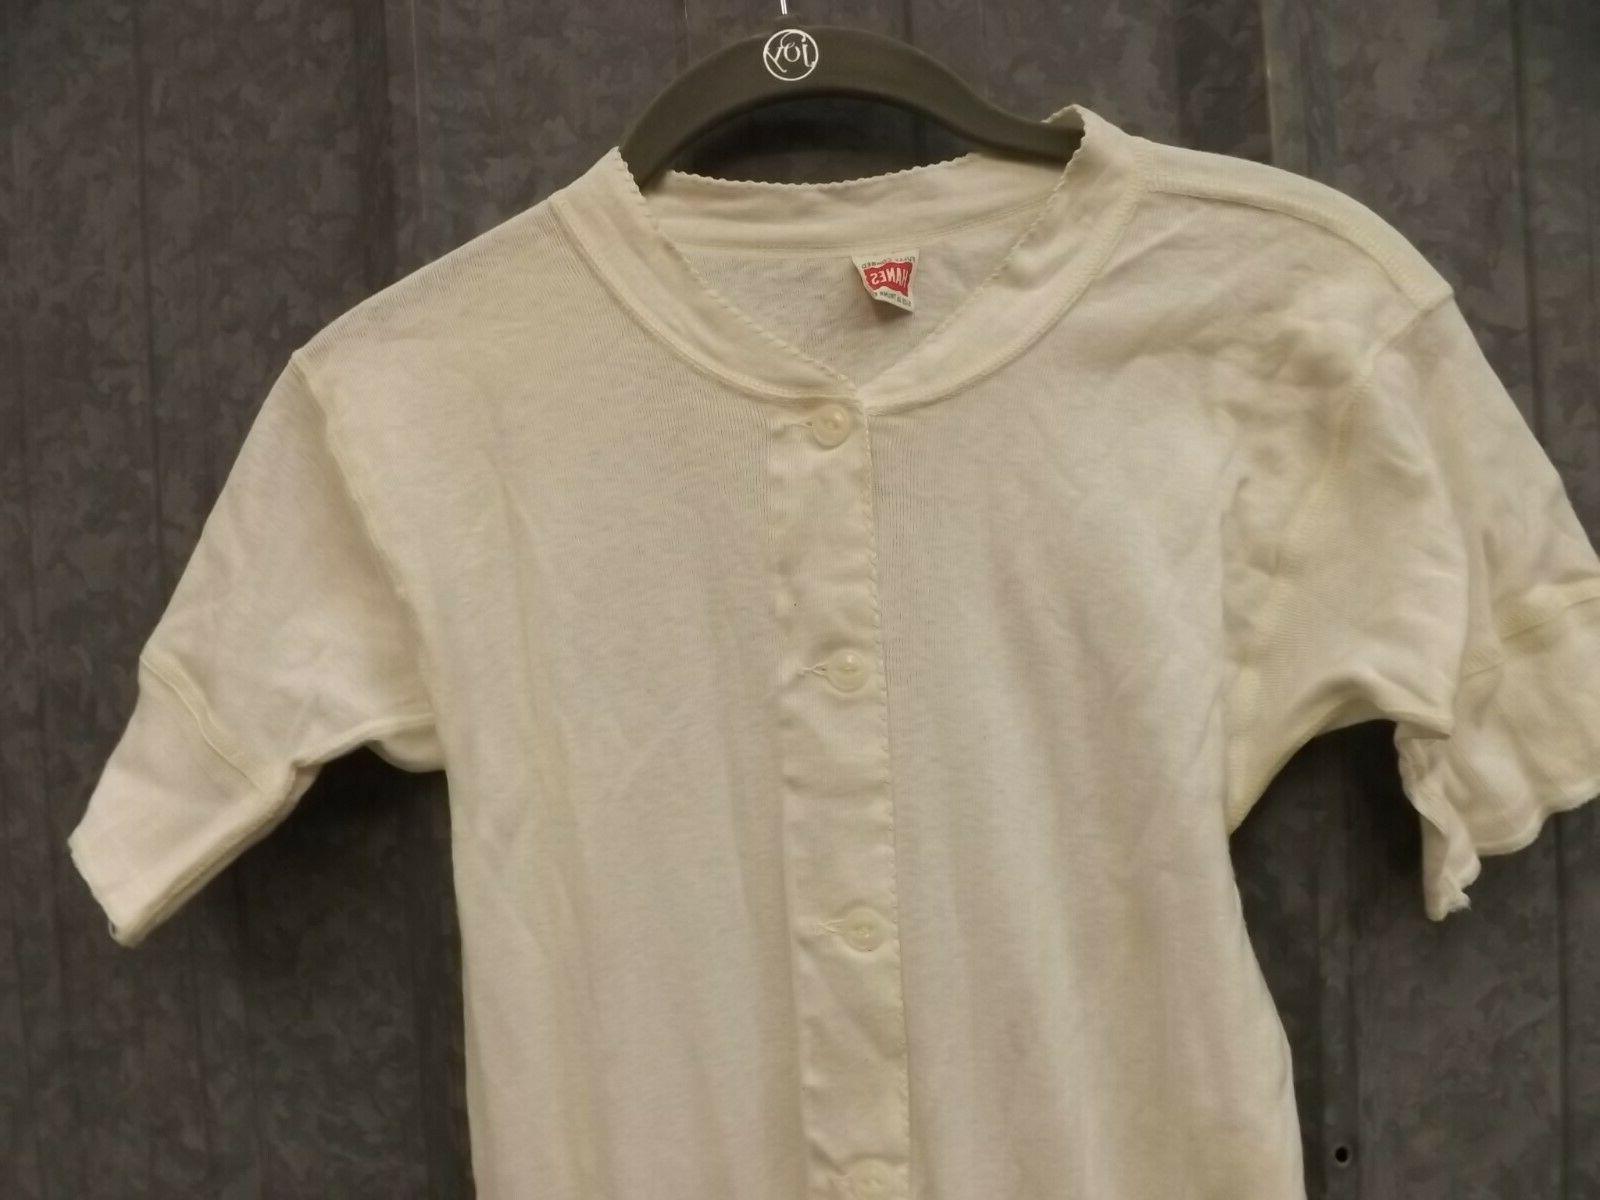 Hanes White Cotton Sleeve Union Underwear